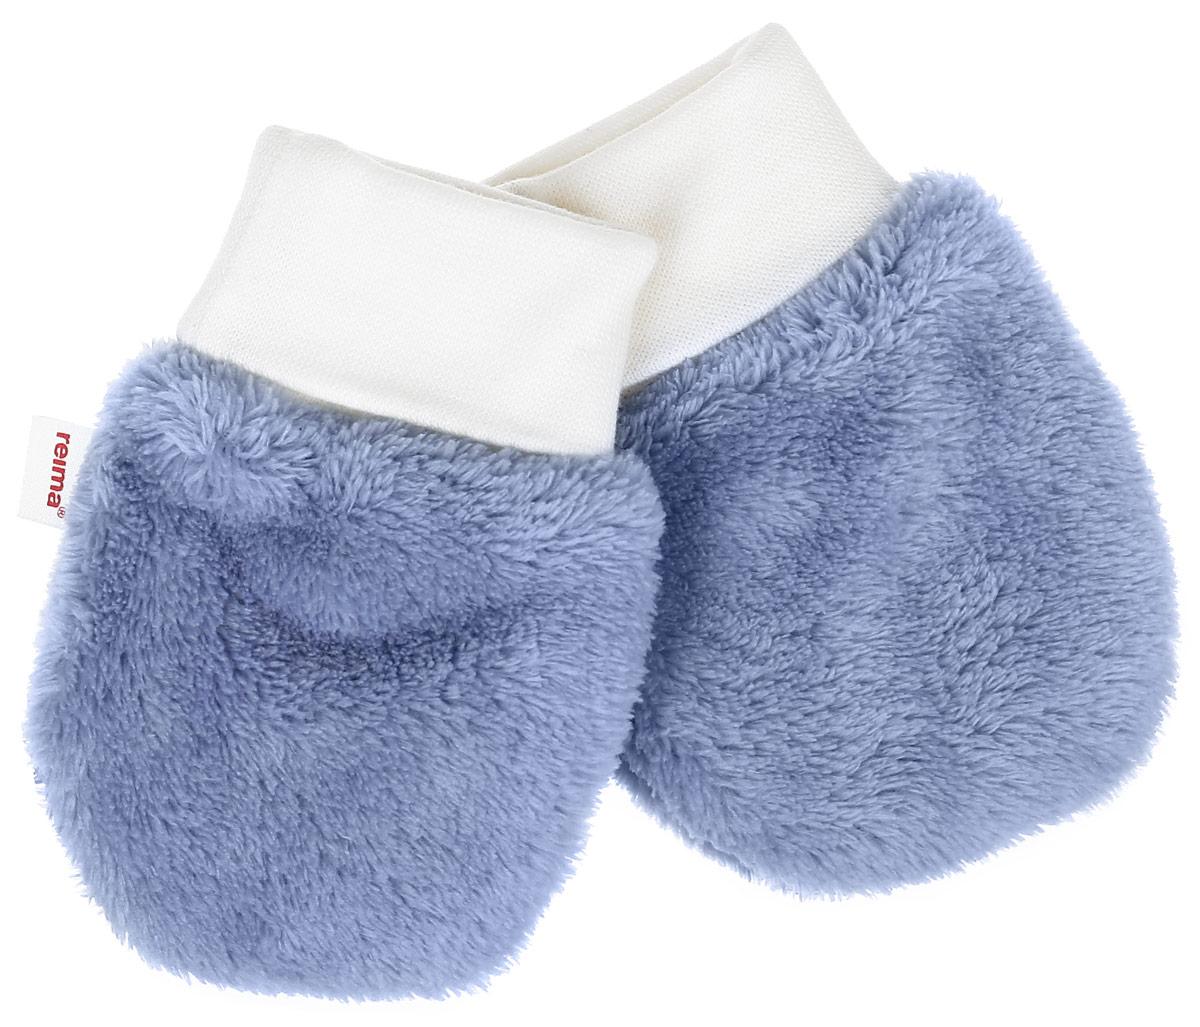 Варежки детские517117-0110AМягкие пушистые варежки Reima Lepus для самых маленьких на подкладке из мягкого флиса с длинными подворачивающимися манжетами на резинке, которые обеспечивают оптимальную посадку и облегчают процесс одевания. Для крошечных ручек выбираем только самое мягкое и самое удобное! Оригинальный дизайн и модная расцветка делают эти варежки модным и стильным предметом детского гардероба. В них ваш малыш будет чувствовать себя уютно и комфортно и всегда будет в центре внимания!